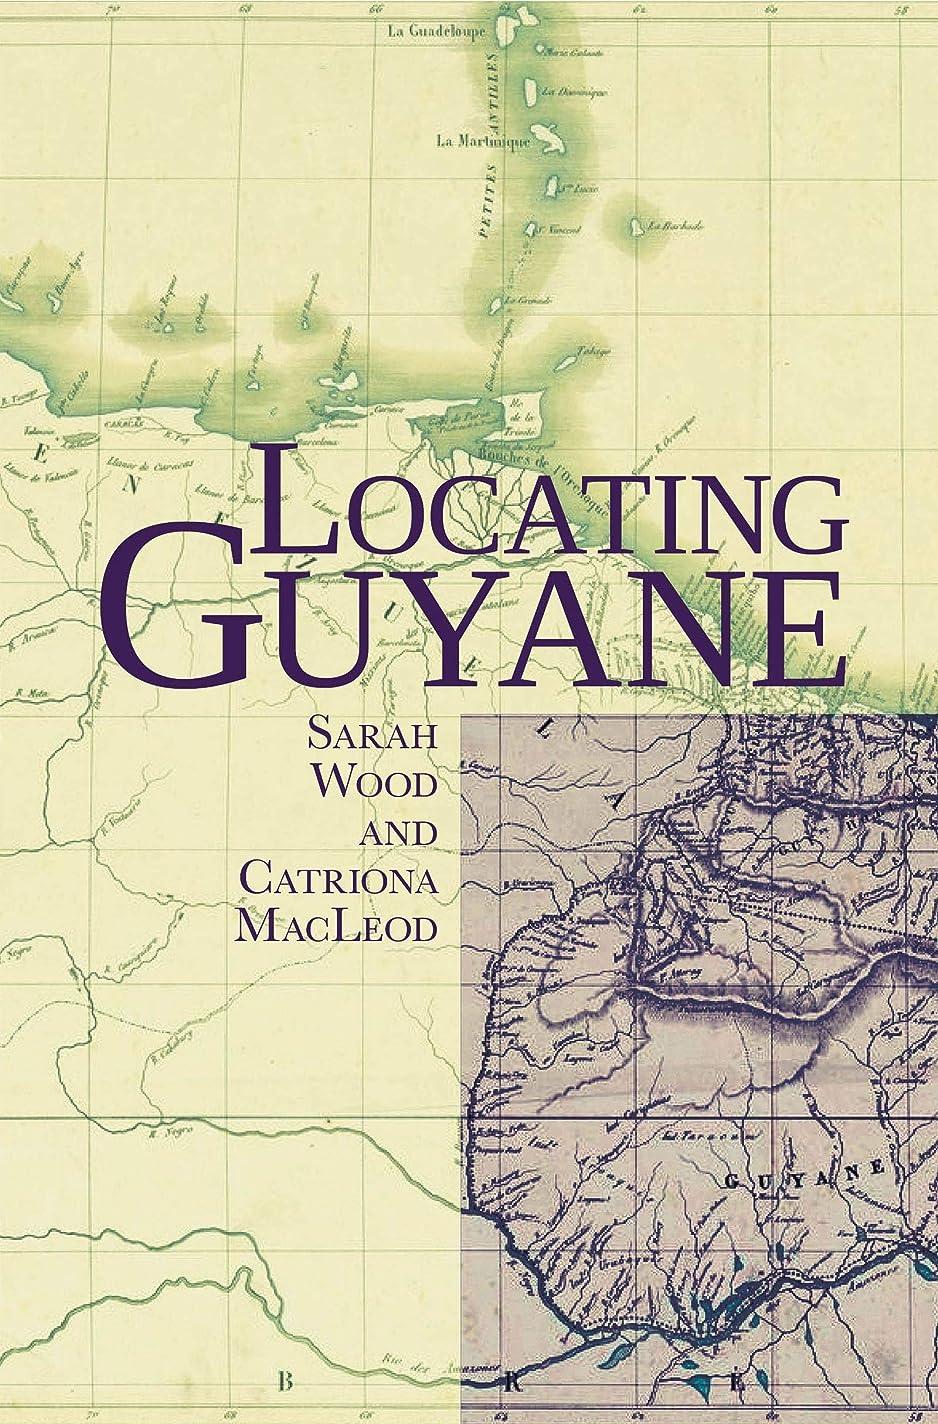 純粋なバリケード魅了するLocating Guyane (Contemporary French and Francophone Cultures LUP Book 53) (English Edition)